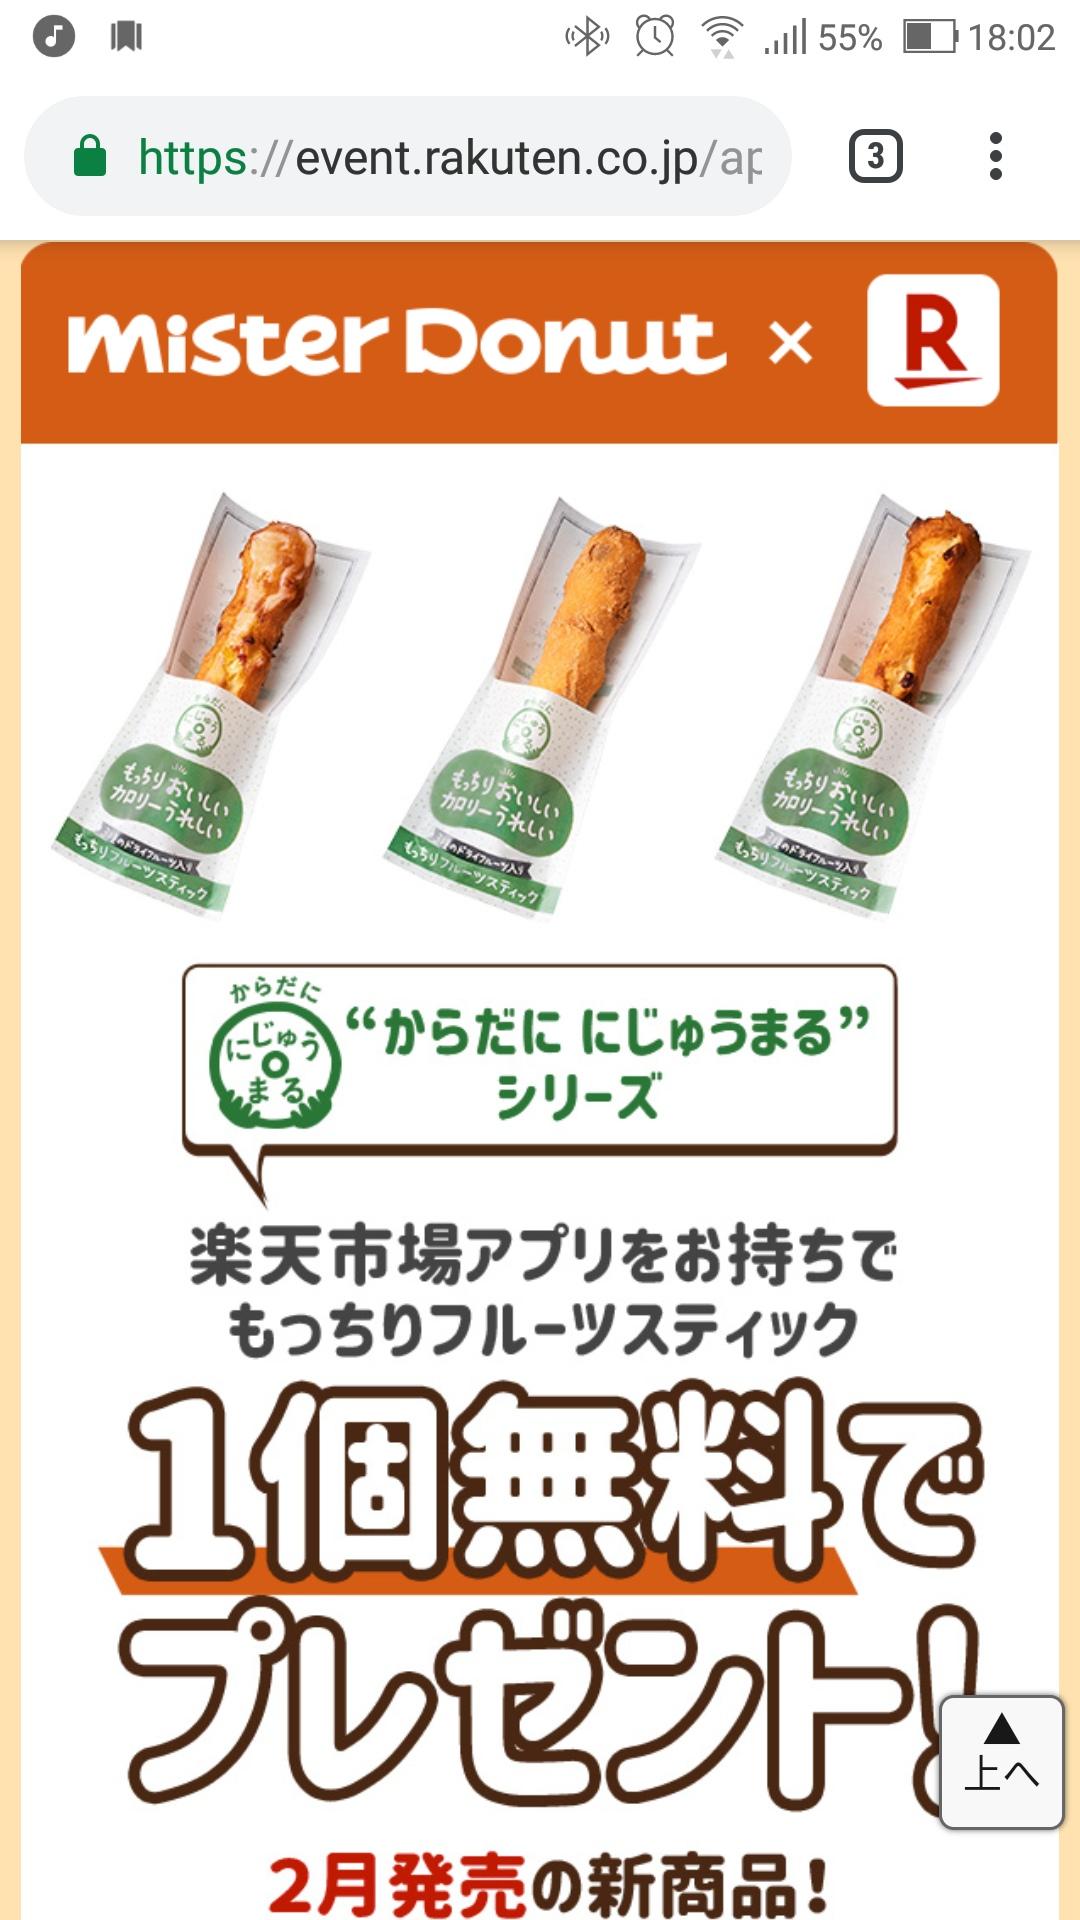 【楽天×ミスド】本日発売のもっちりフルーツスティック無料でもらえるよ♪